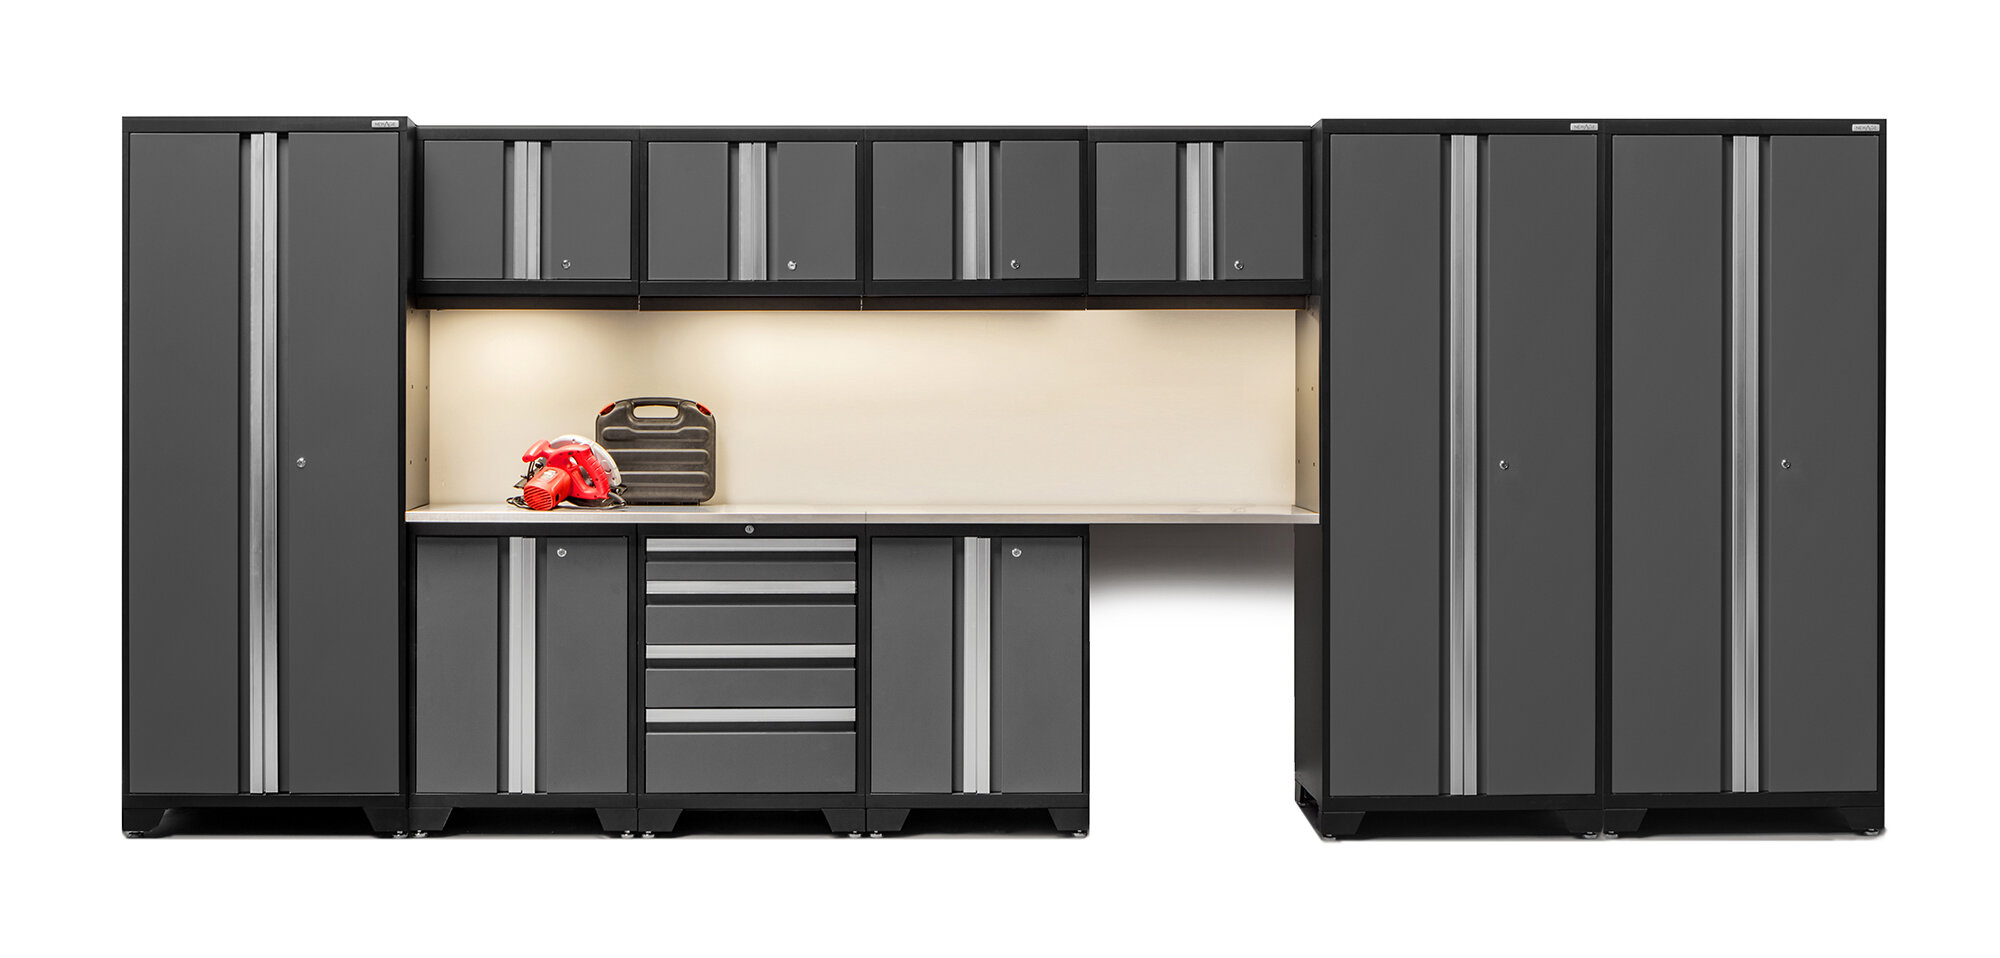 Newage Products Bold 30 Series 12 Piece Garage Storage. Epoxy Coat Garage Floor. Engraved Door Knocker. Baldwin Door Hardware Parts. Dodge Truck 4 Door. Door County Rentals. Garage Sale Site. Garage Door Colorado Springs. Electronic Doggy Door